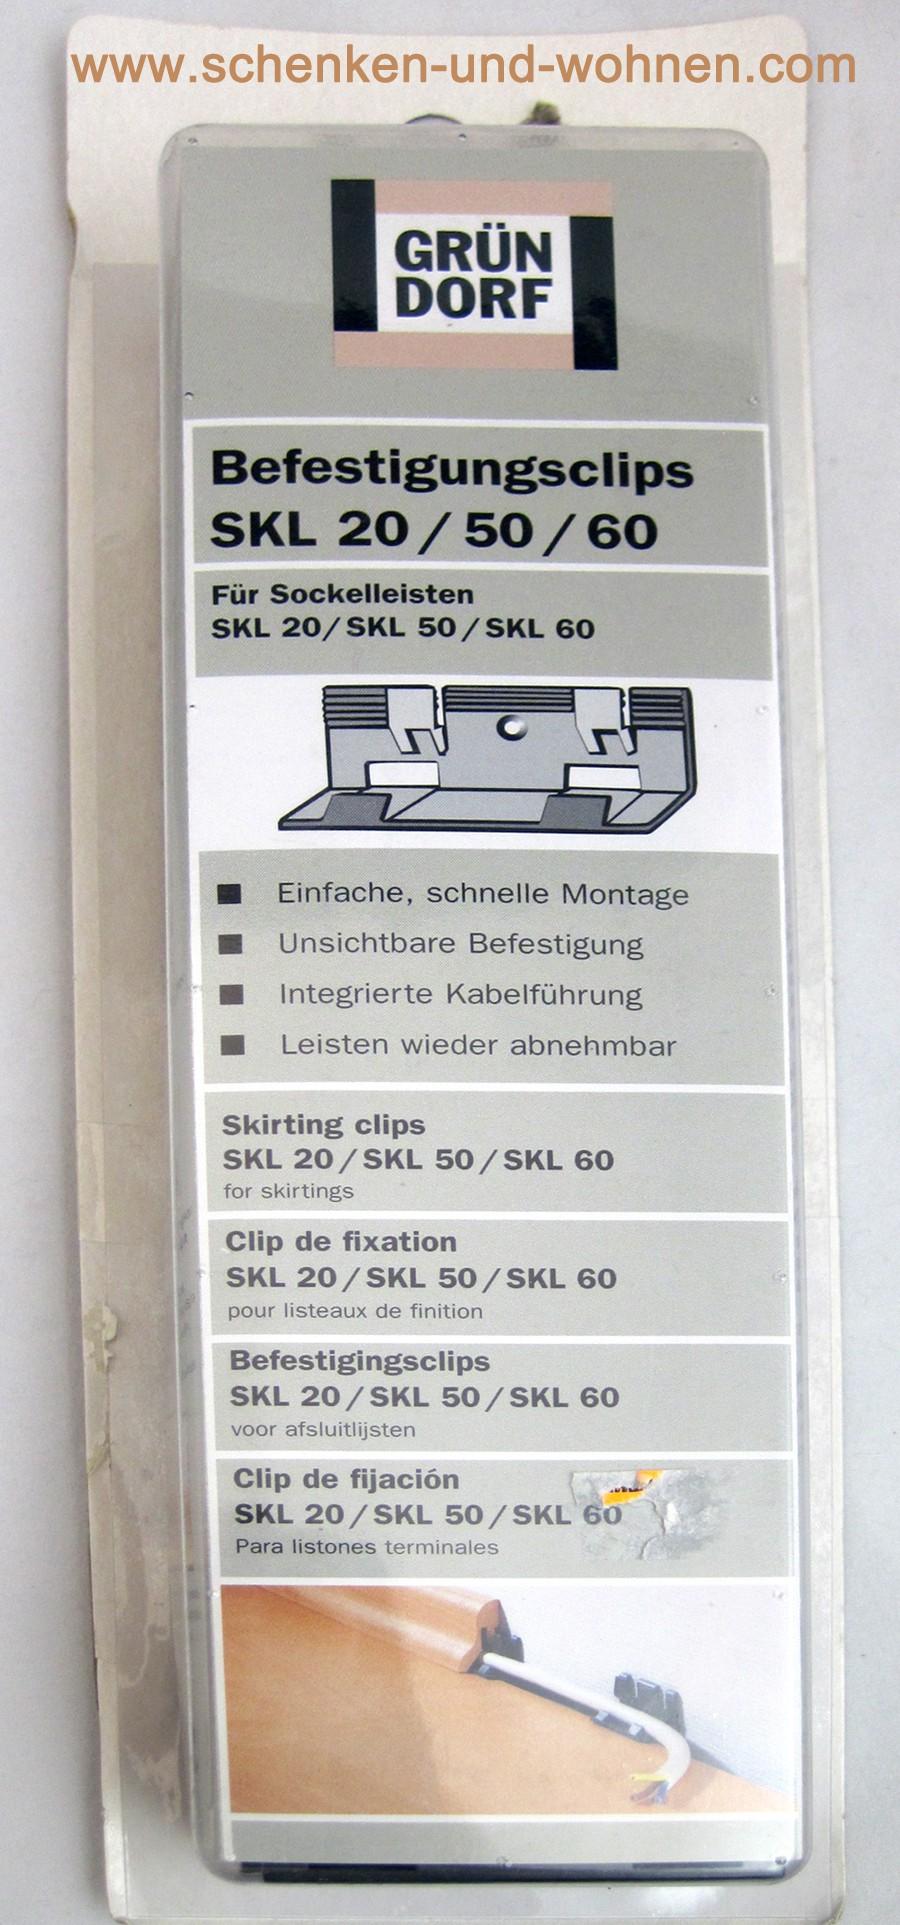 Befestigungsclips für SKL 20/50/60  30 Stück Sockelleiste